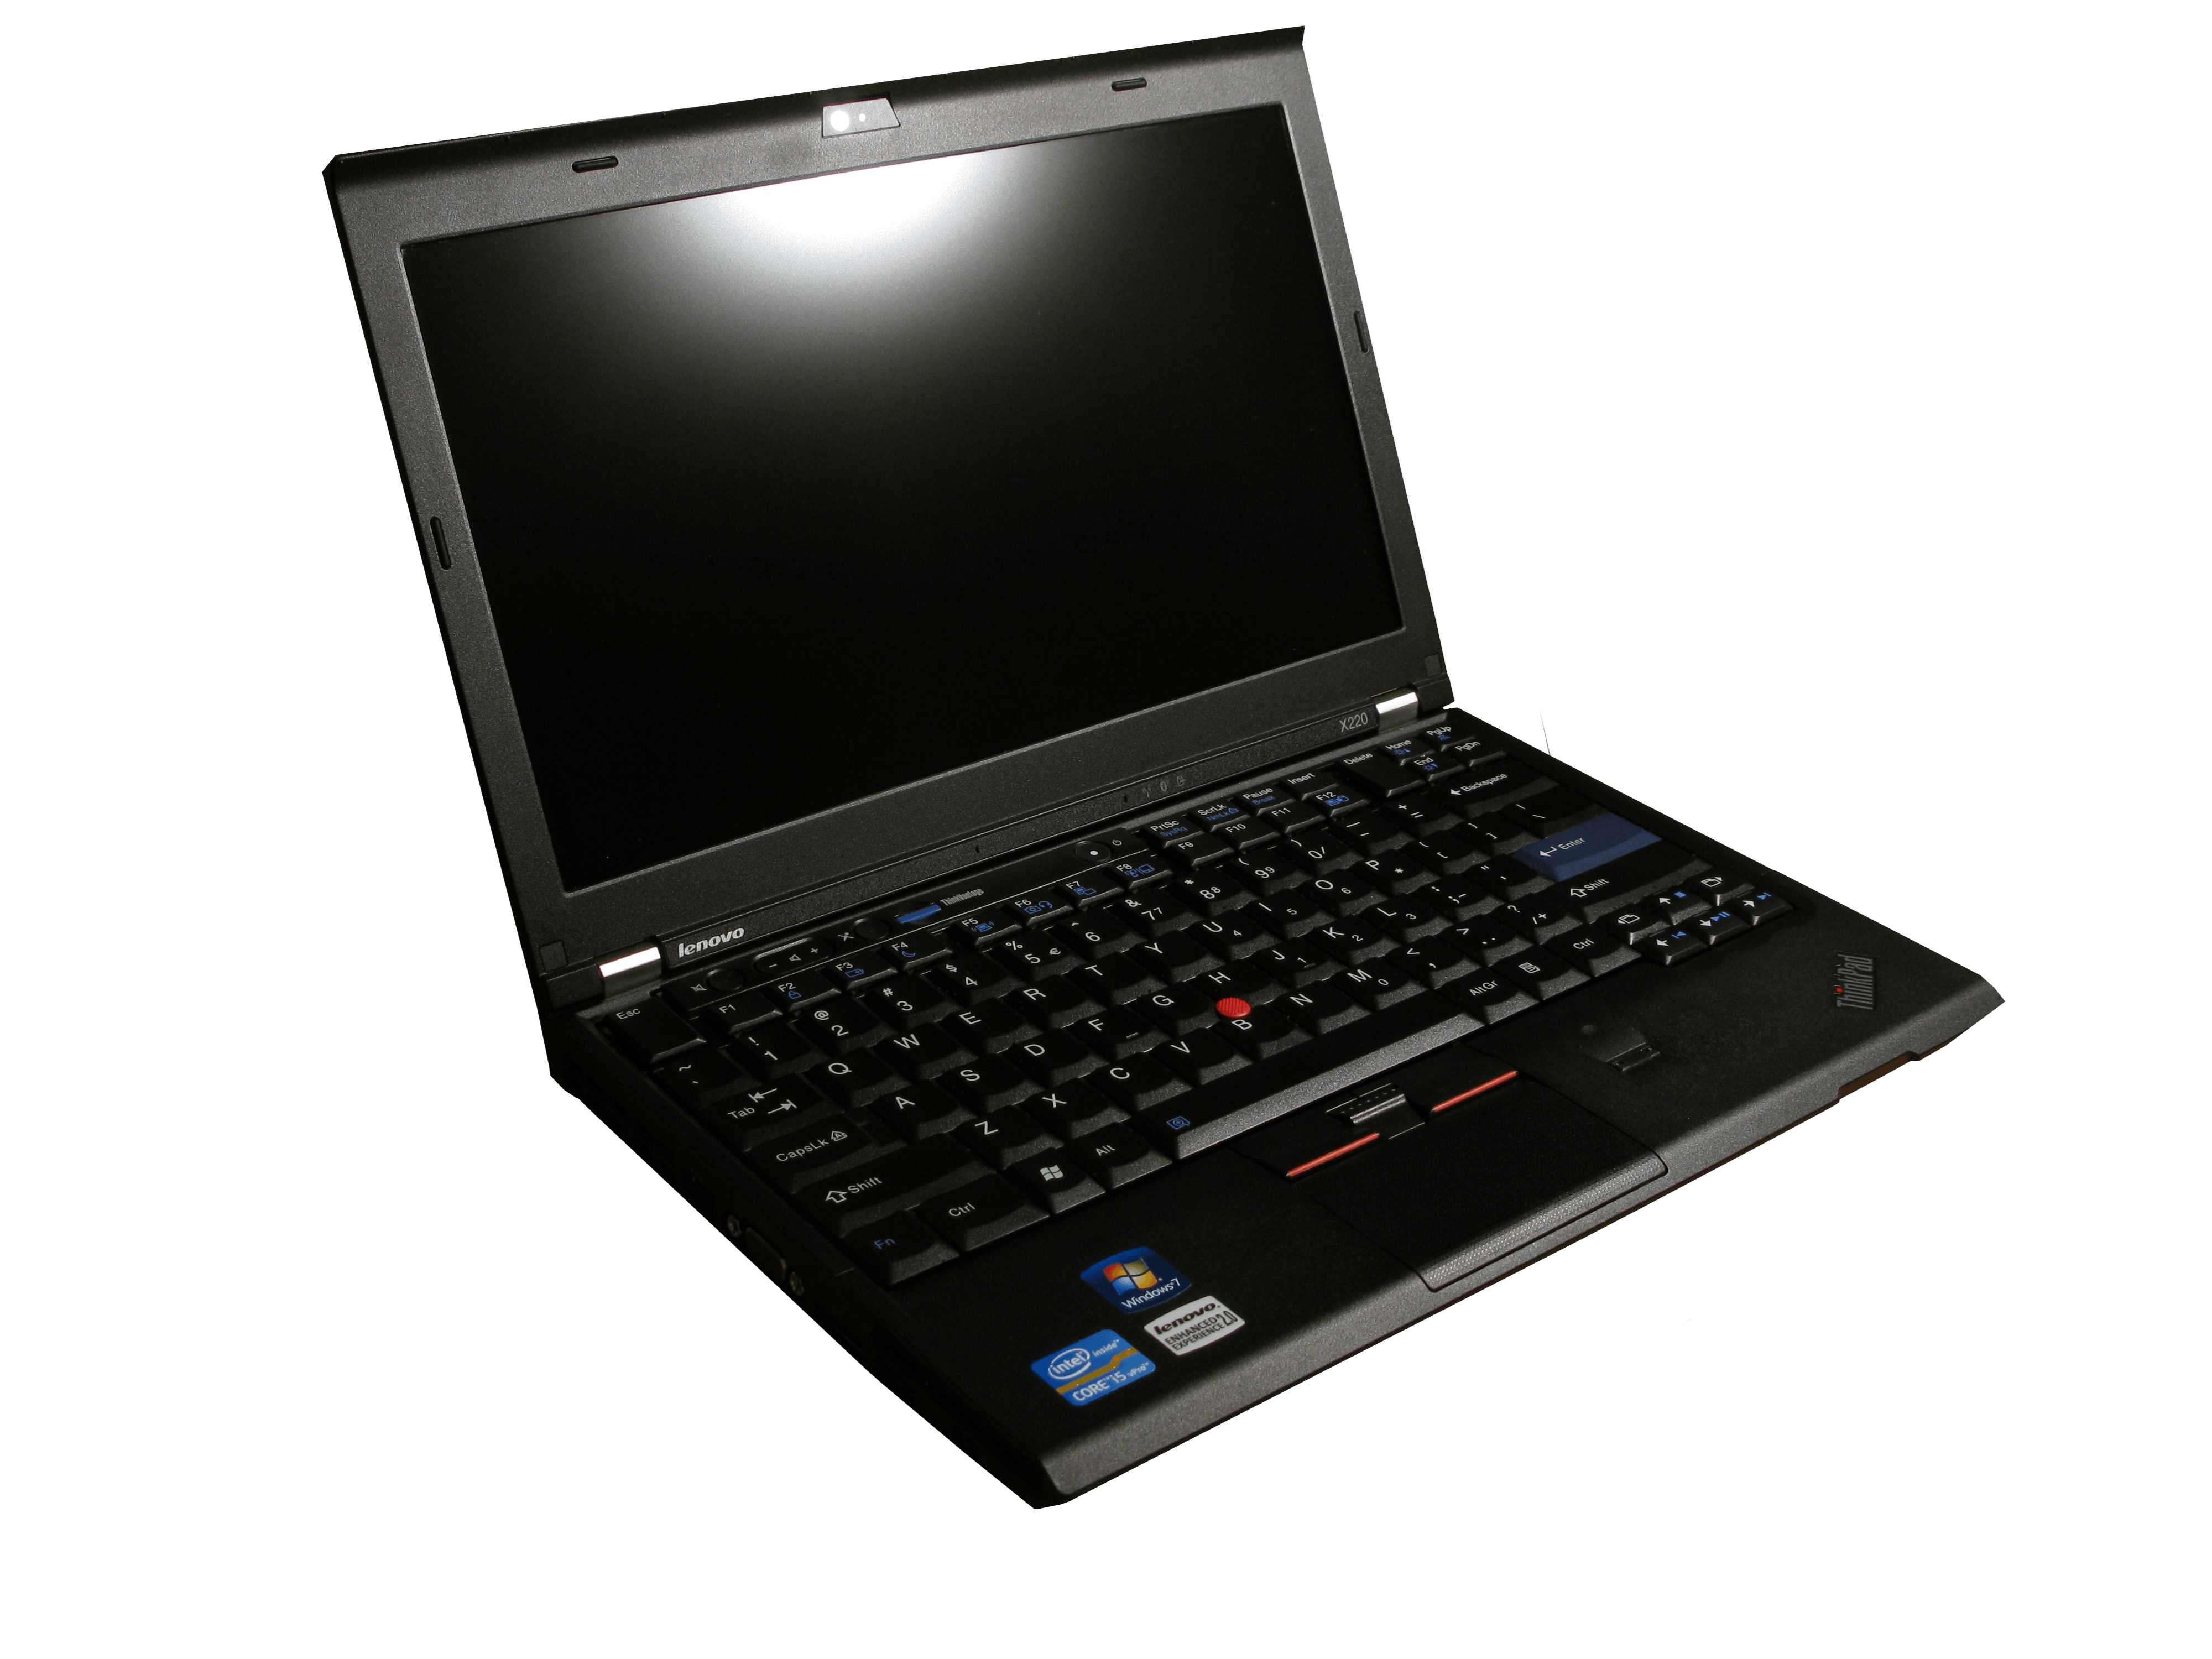 Lenovo ThinkPad X200